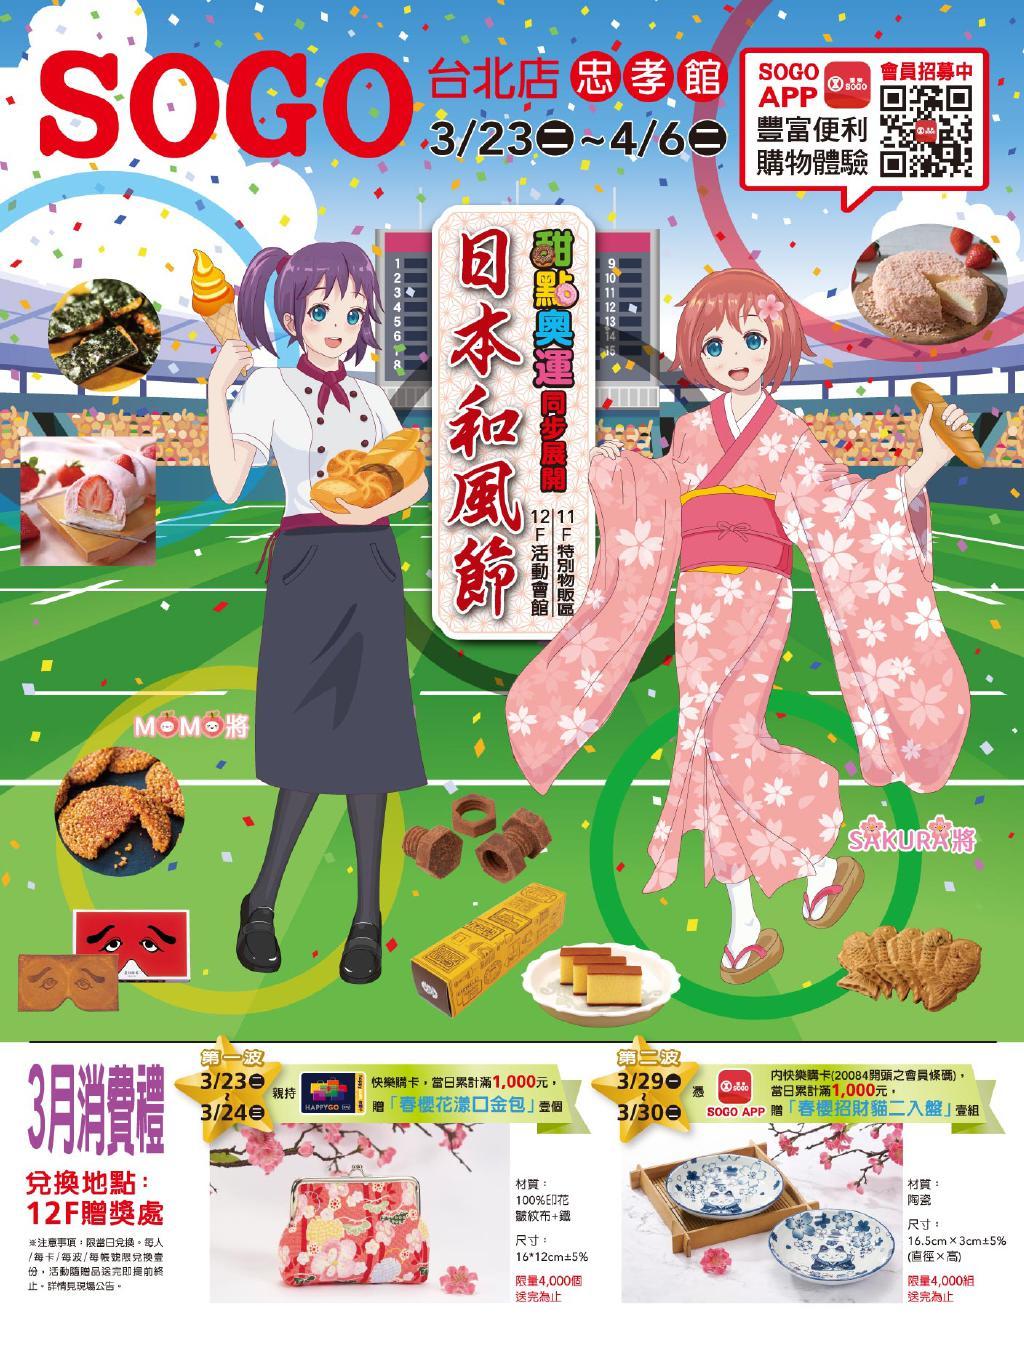 SOGO《台北忠孝館》DM 「「日本和風節」甜點奧運同步展開」【2021/4/6 止】